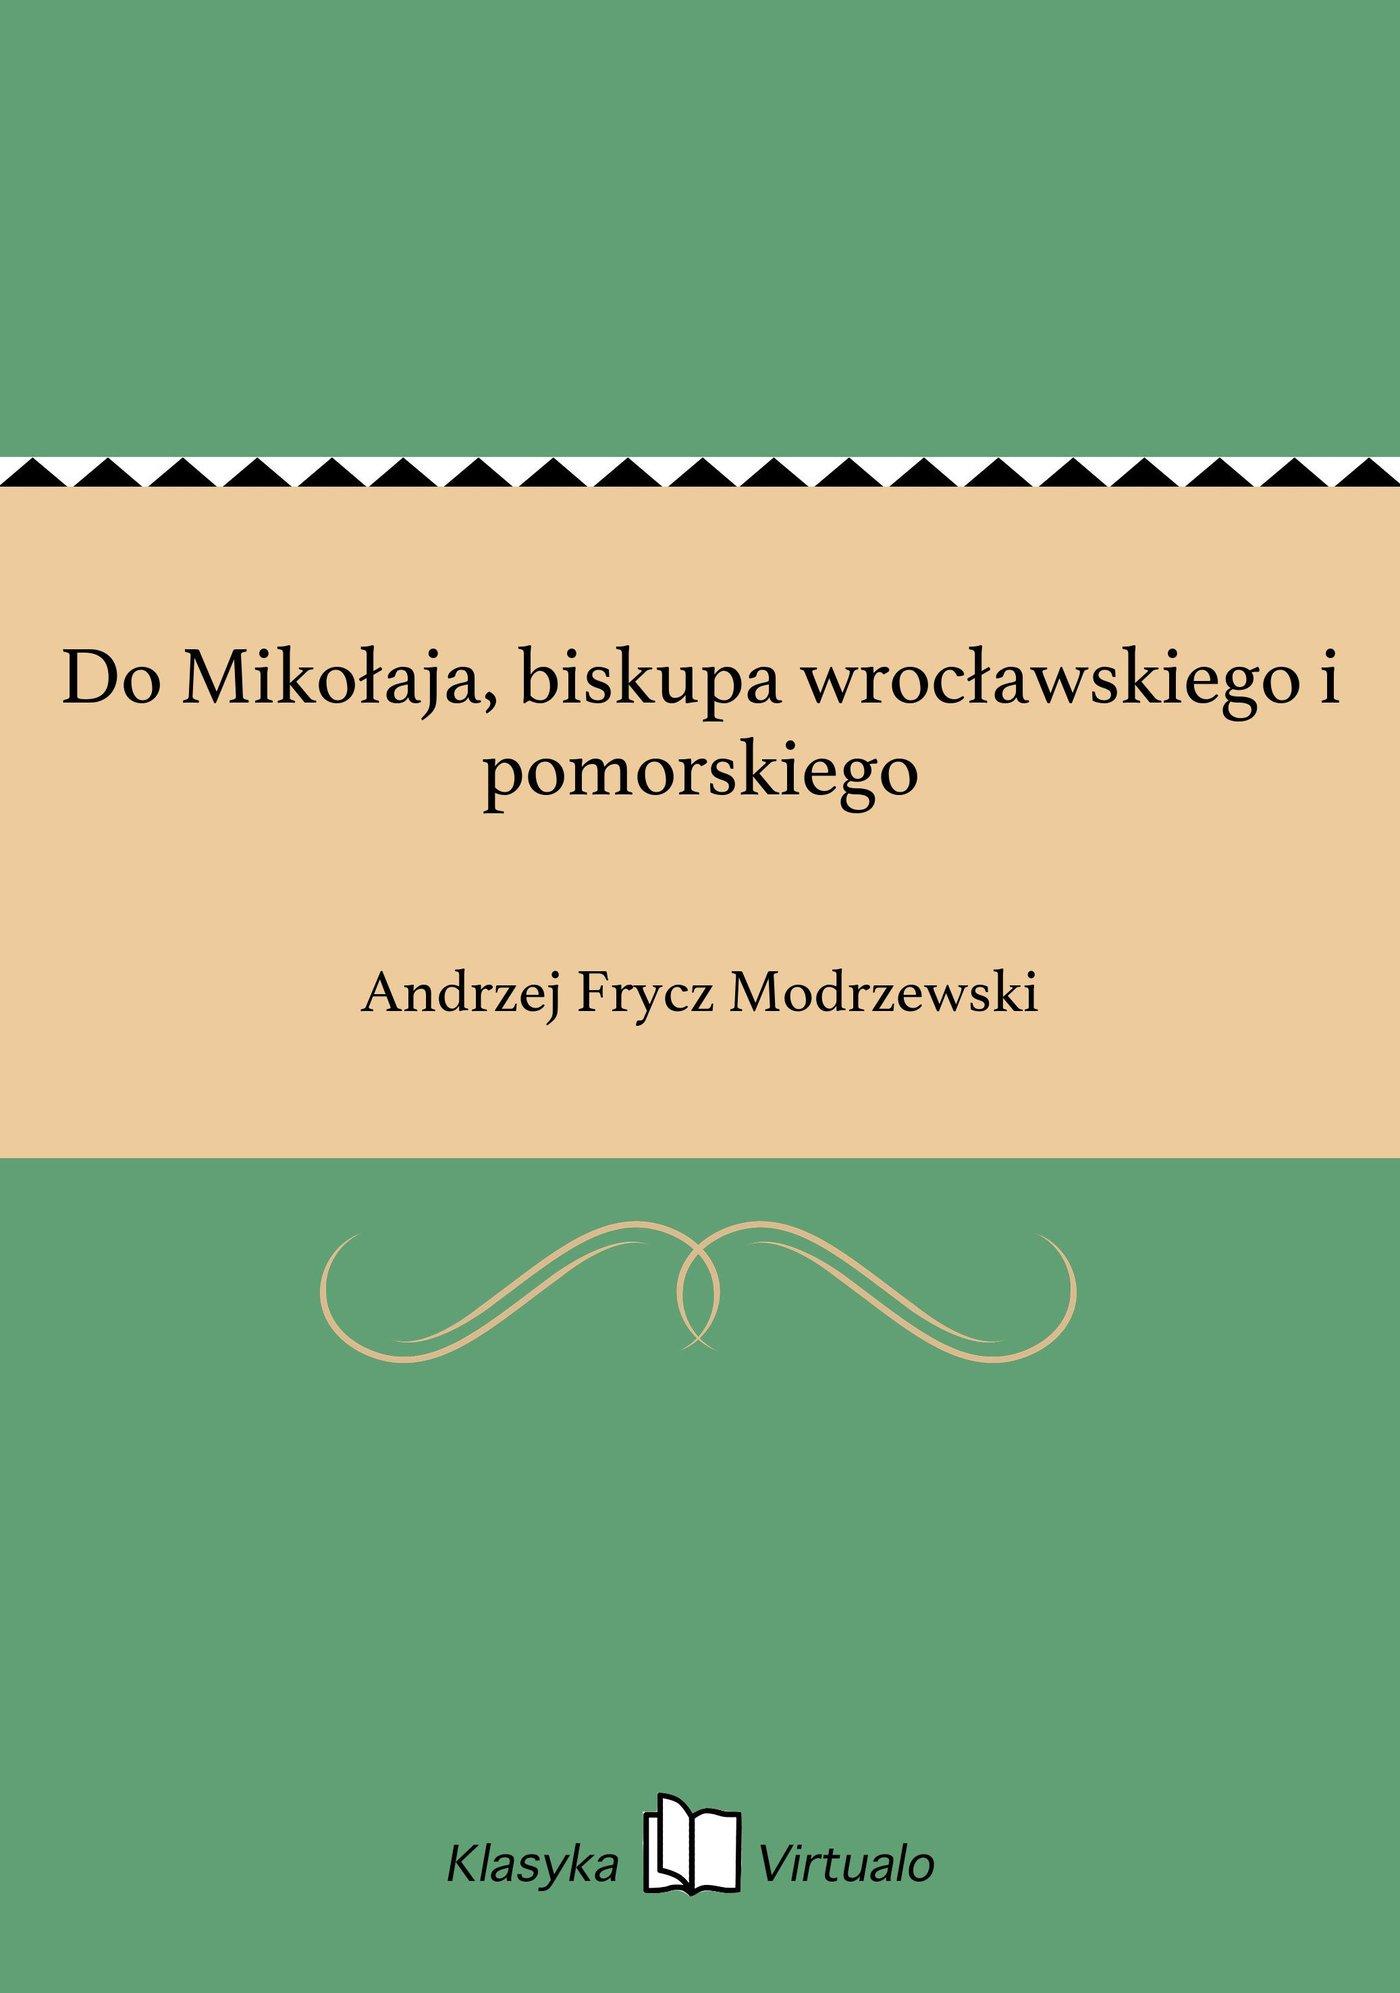 Do Mikołaja, biskupa wrocławskiego i pomorskiego - Ebook (Książka EPUB) do pobrania w formacie EPUB